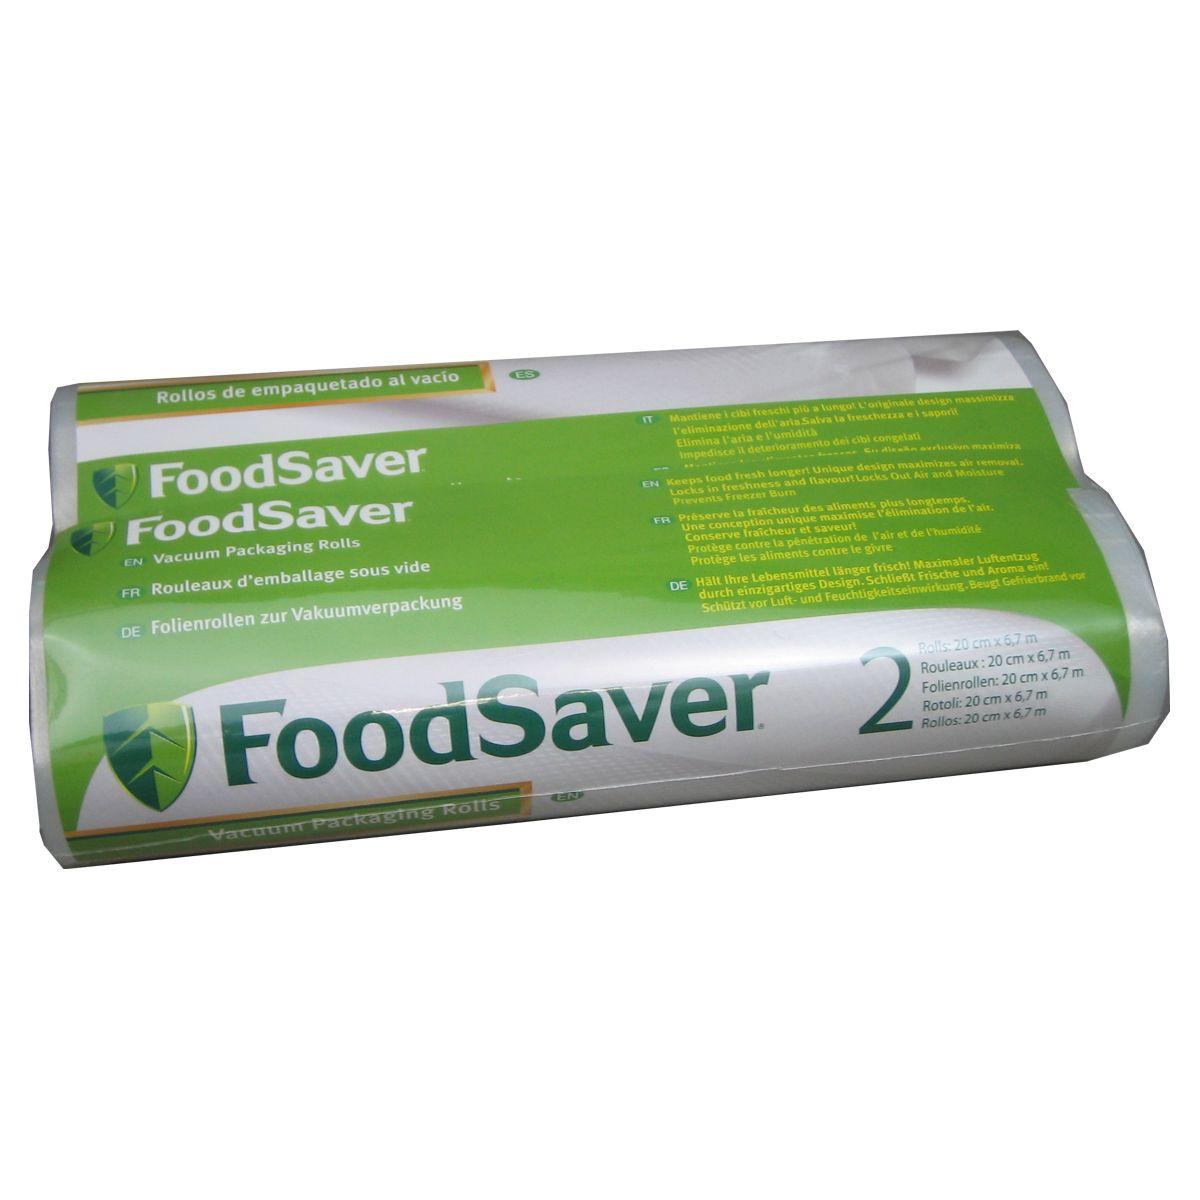 Boîte food saver 2 rouleaux 20 cm x 6.7 - produit coup de coeur webdistrib.com ! (photo)